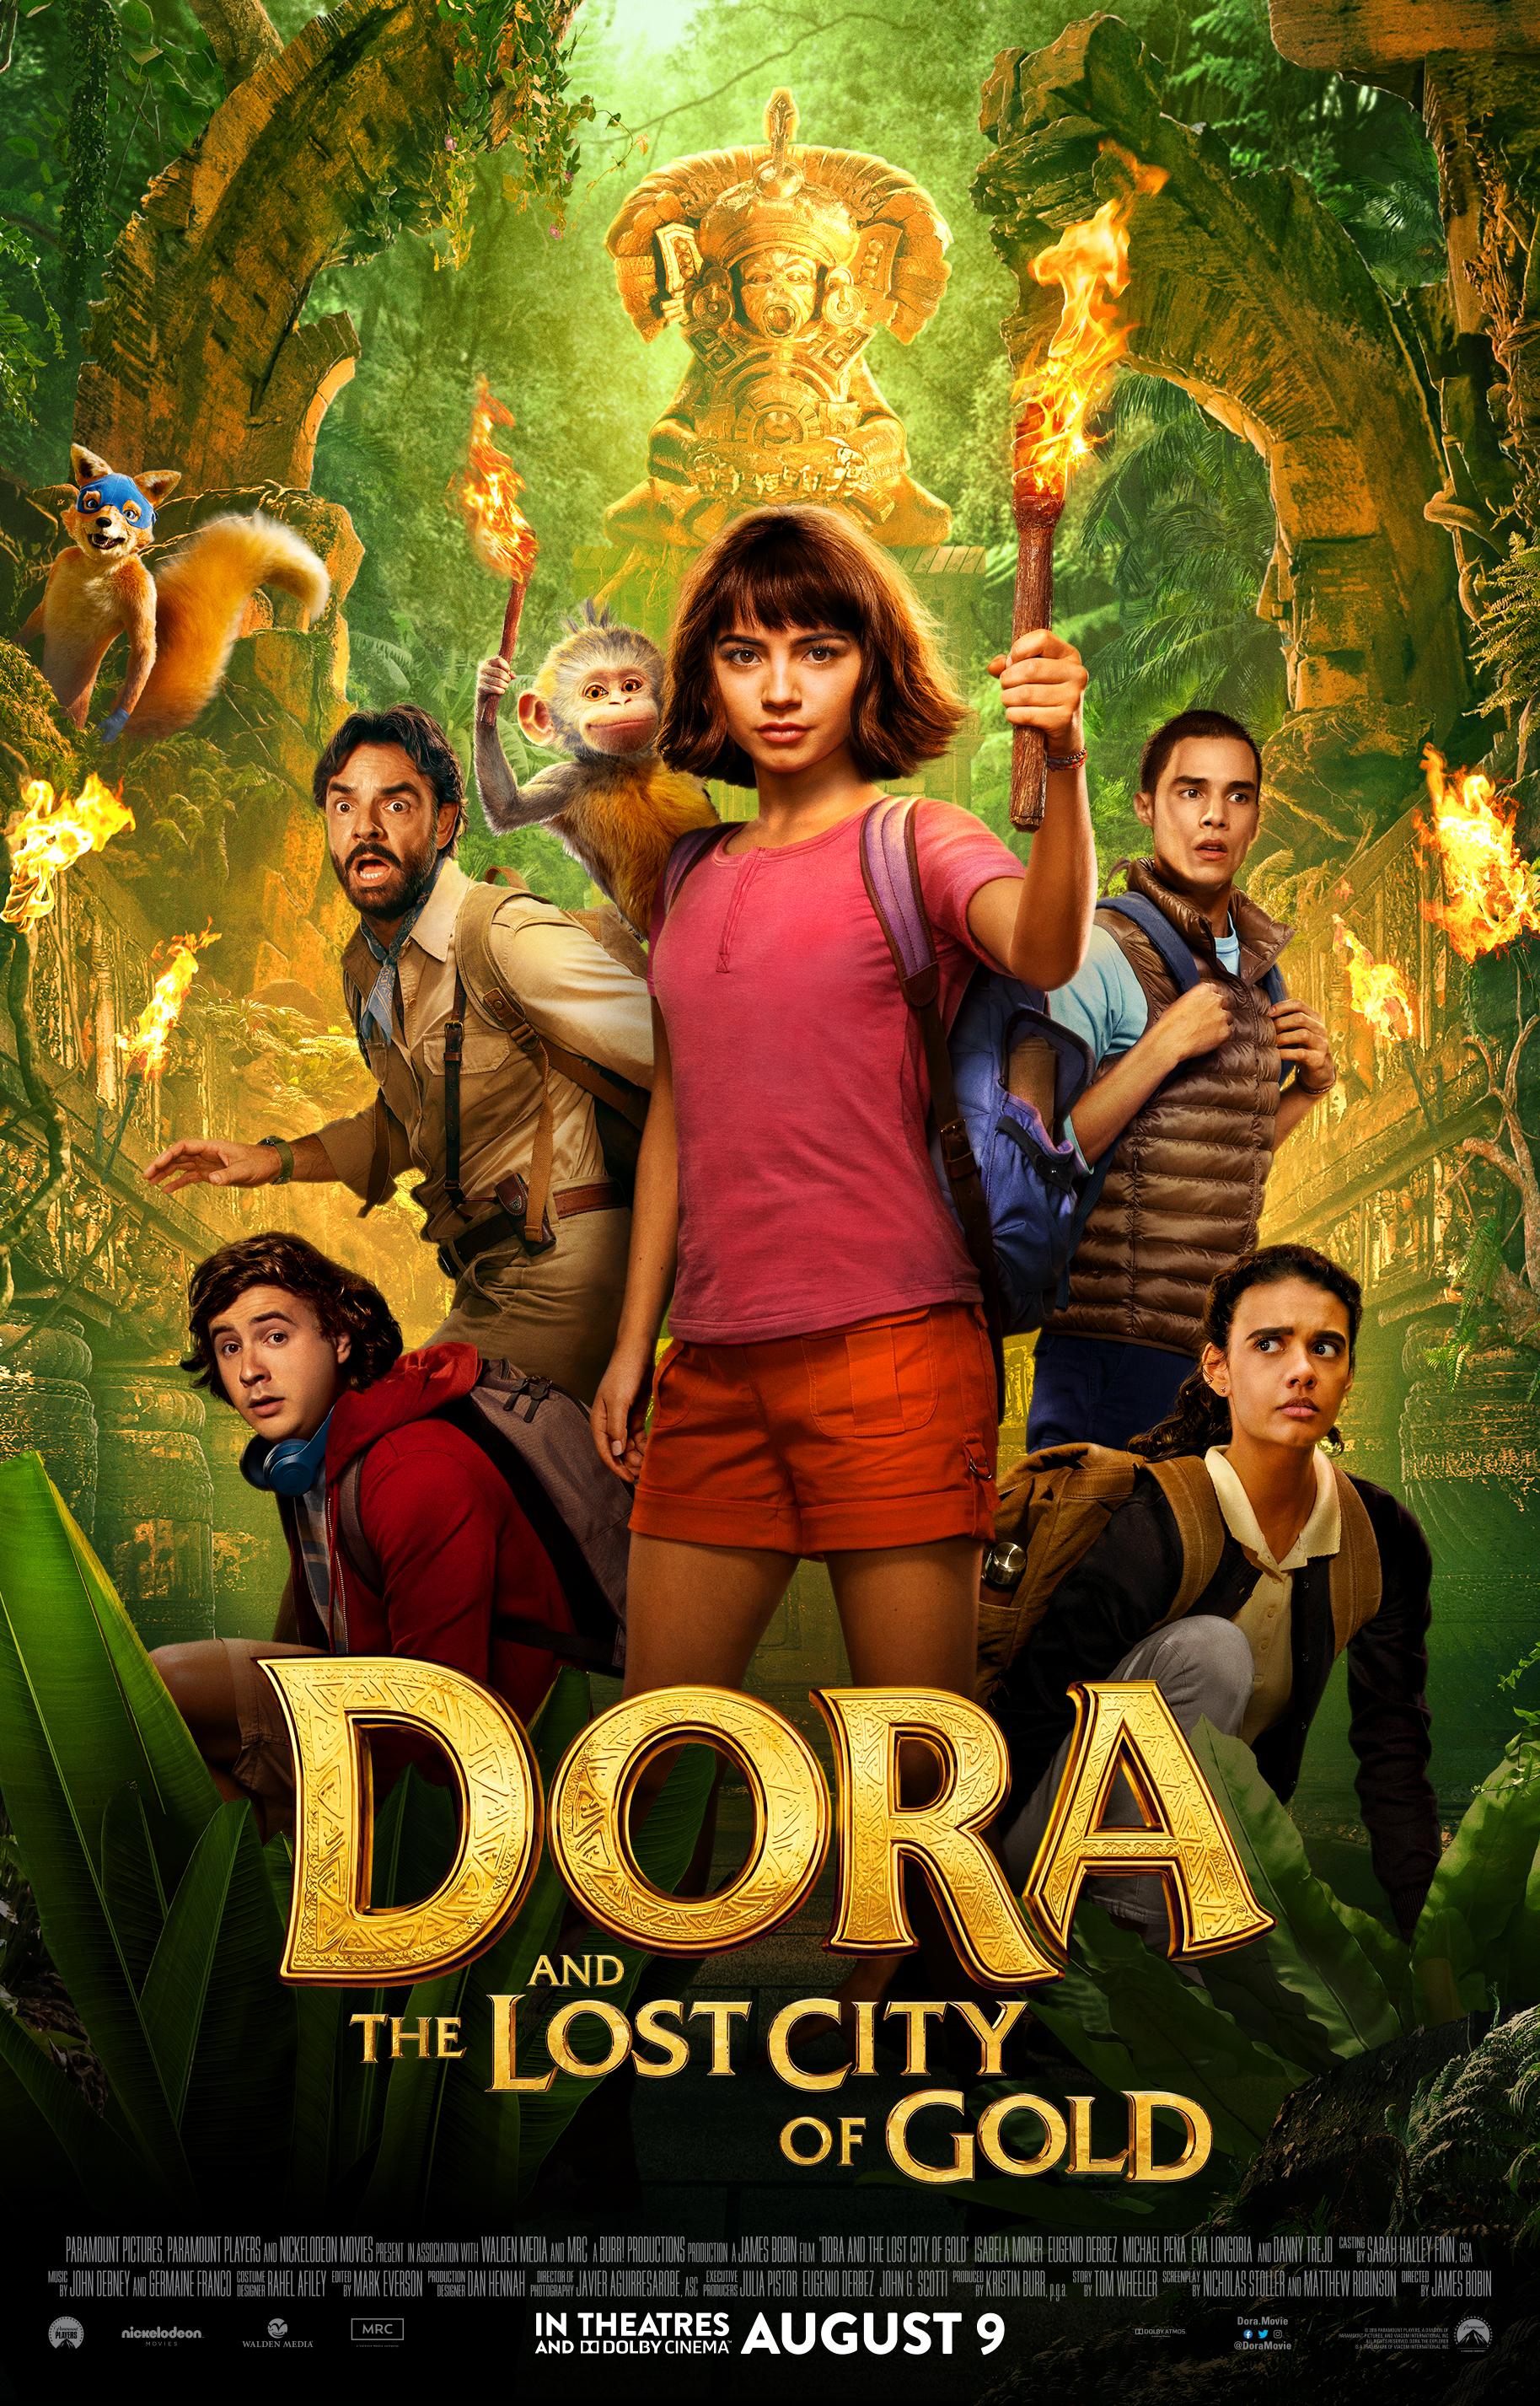 Dora_Online_Payoff_1-Sheet.jpg